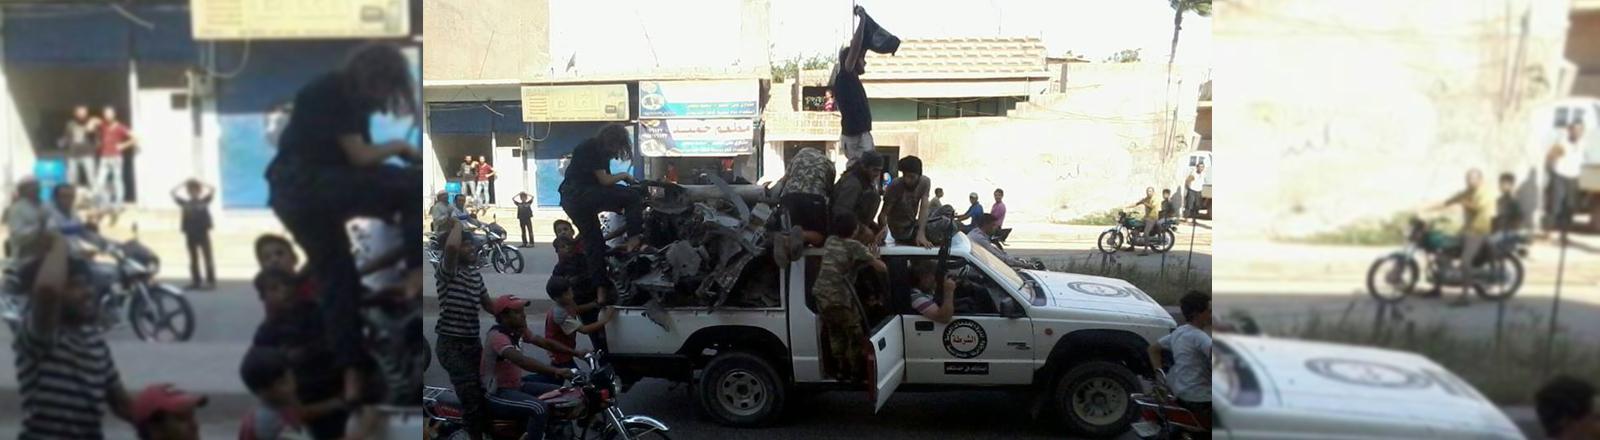 Männer auf einem vollgepackten Auto.